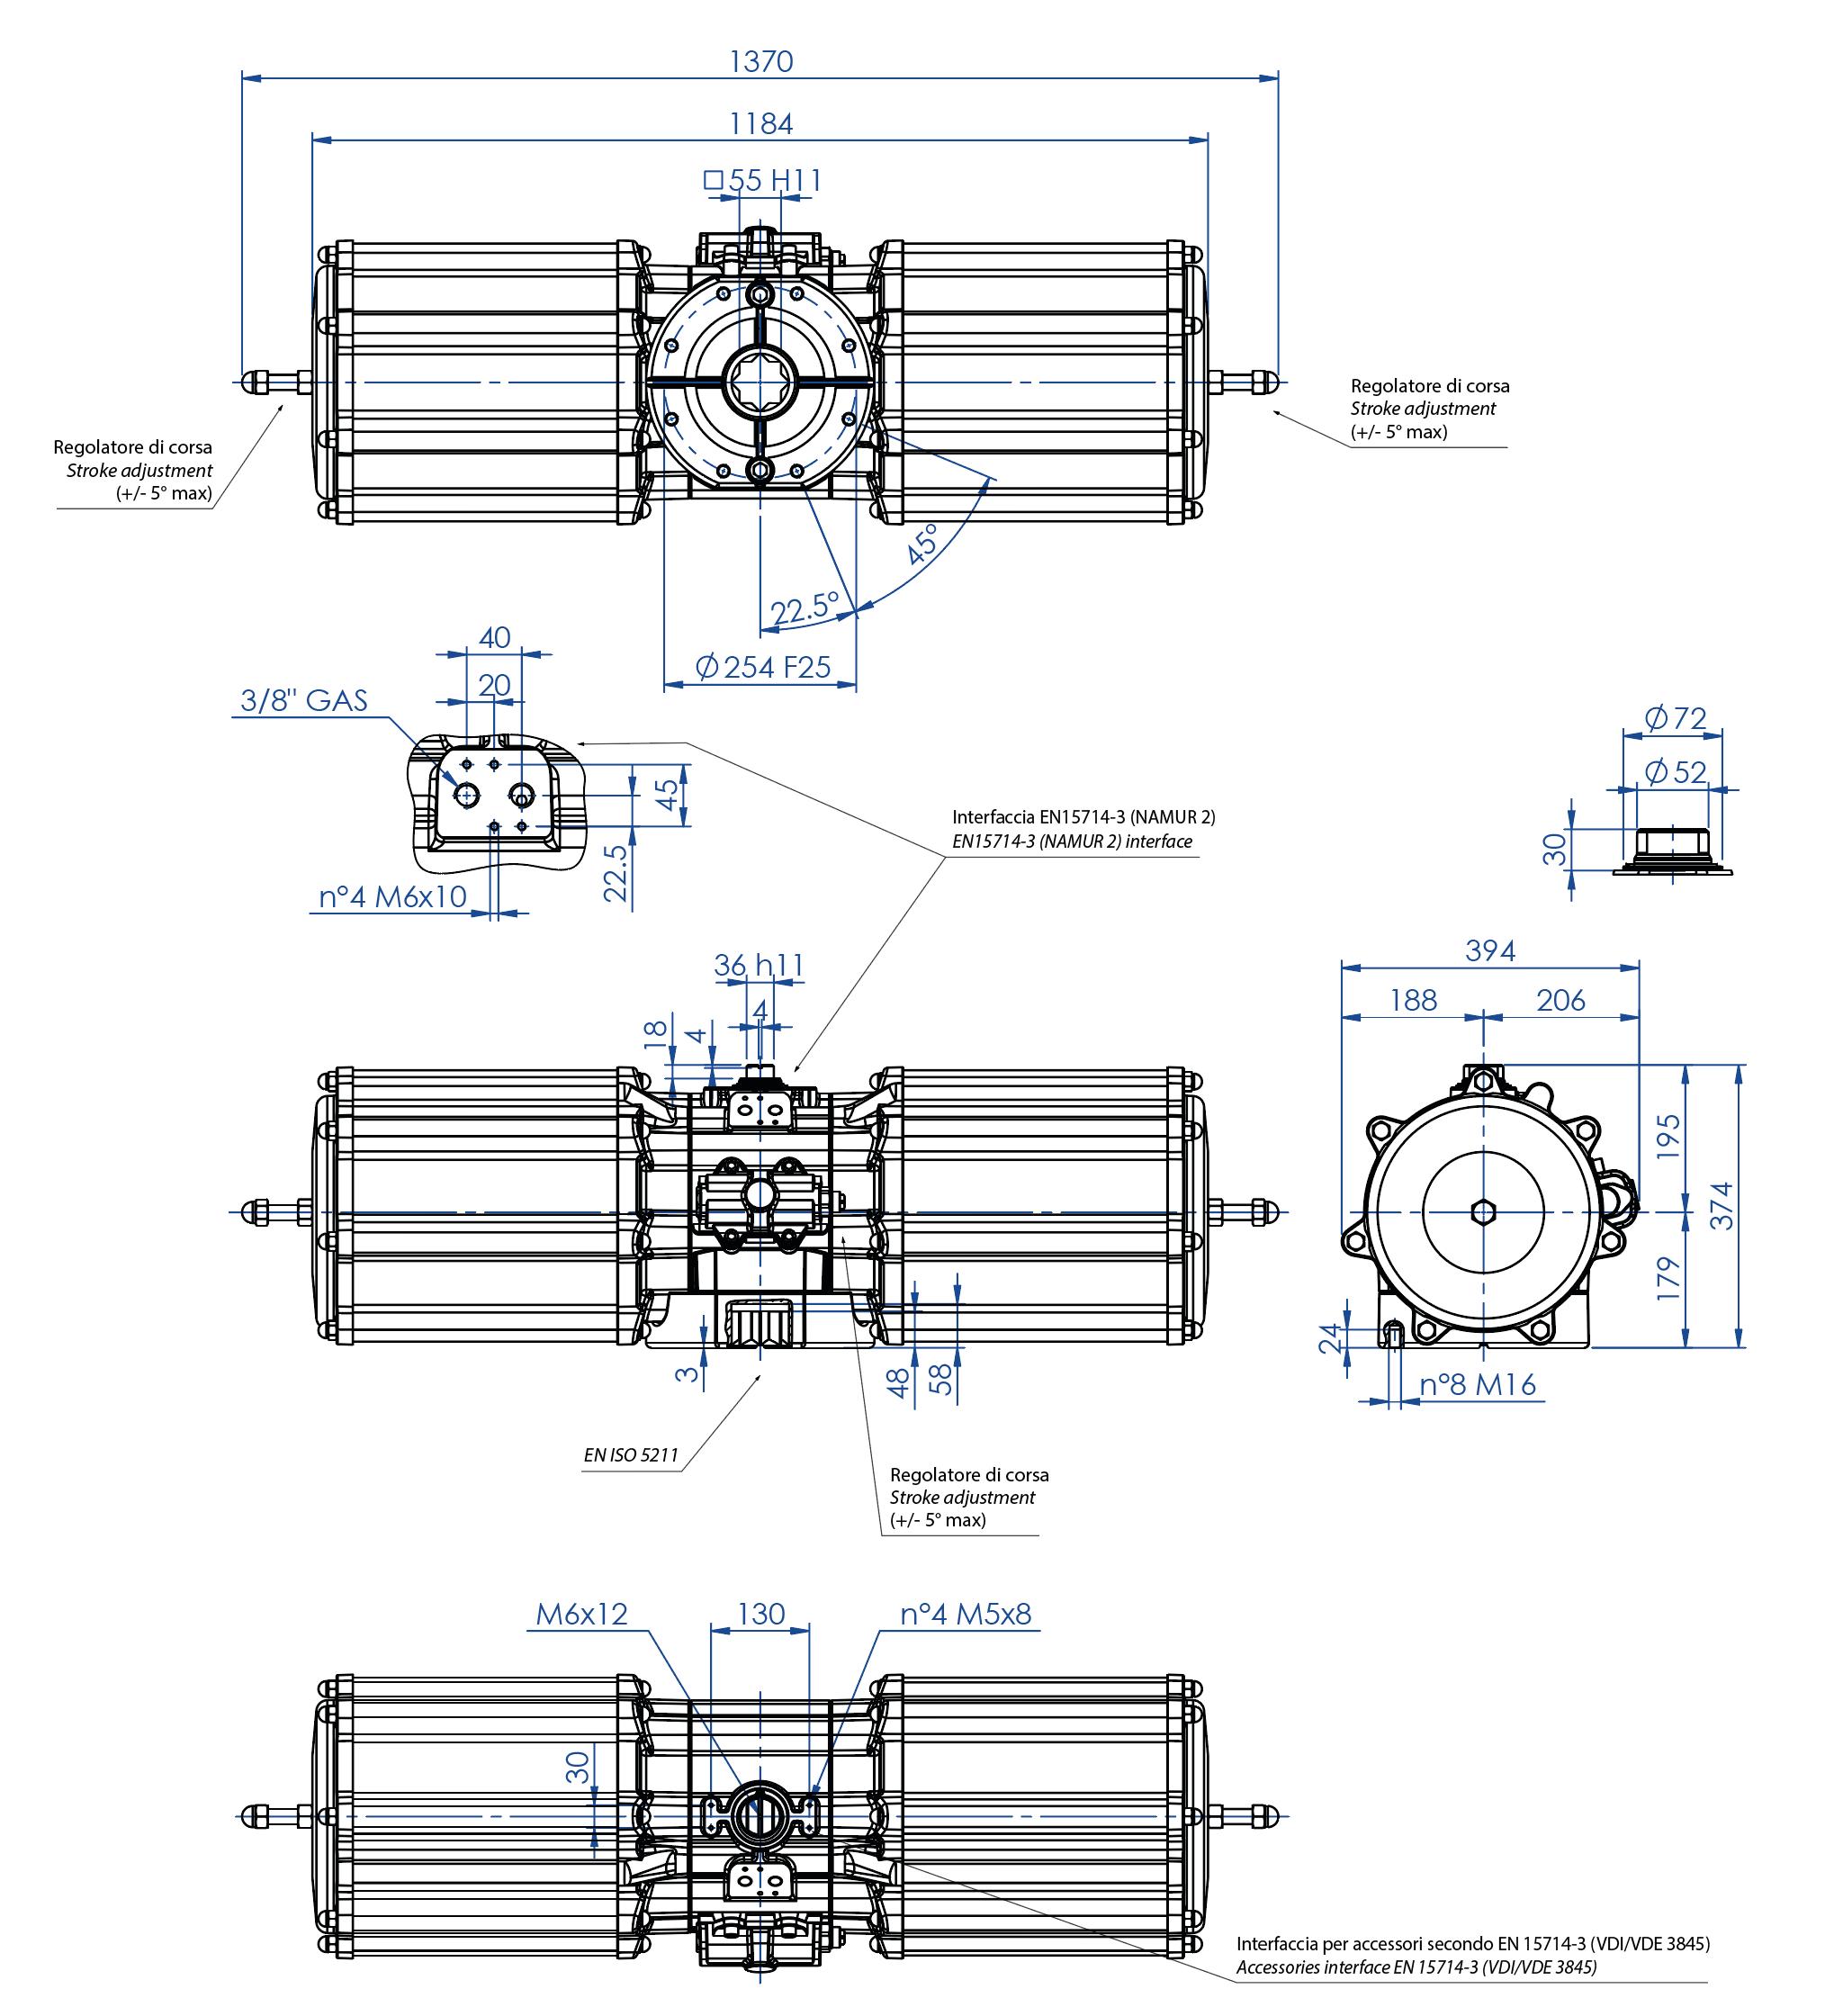 GS型铝制单效气动执行器 - 特性 - GS4000(Nm)单效气动执行器